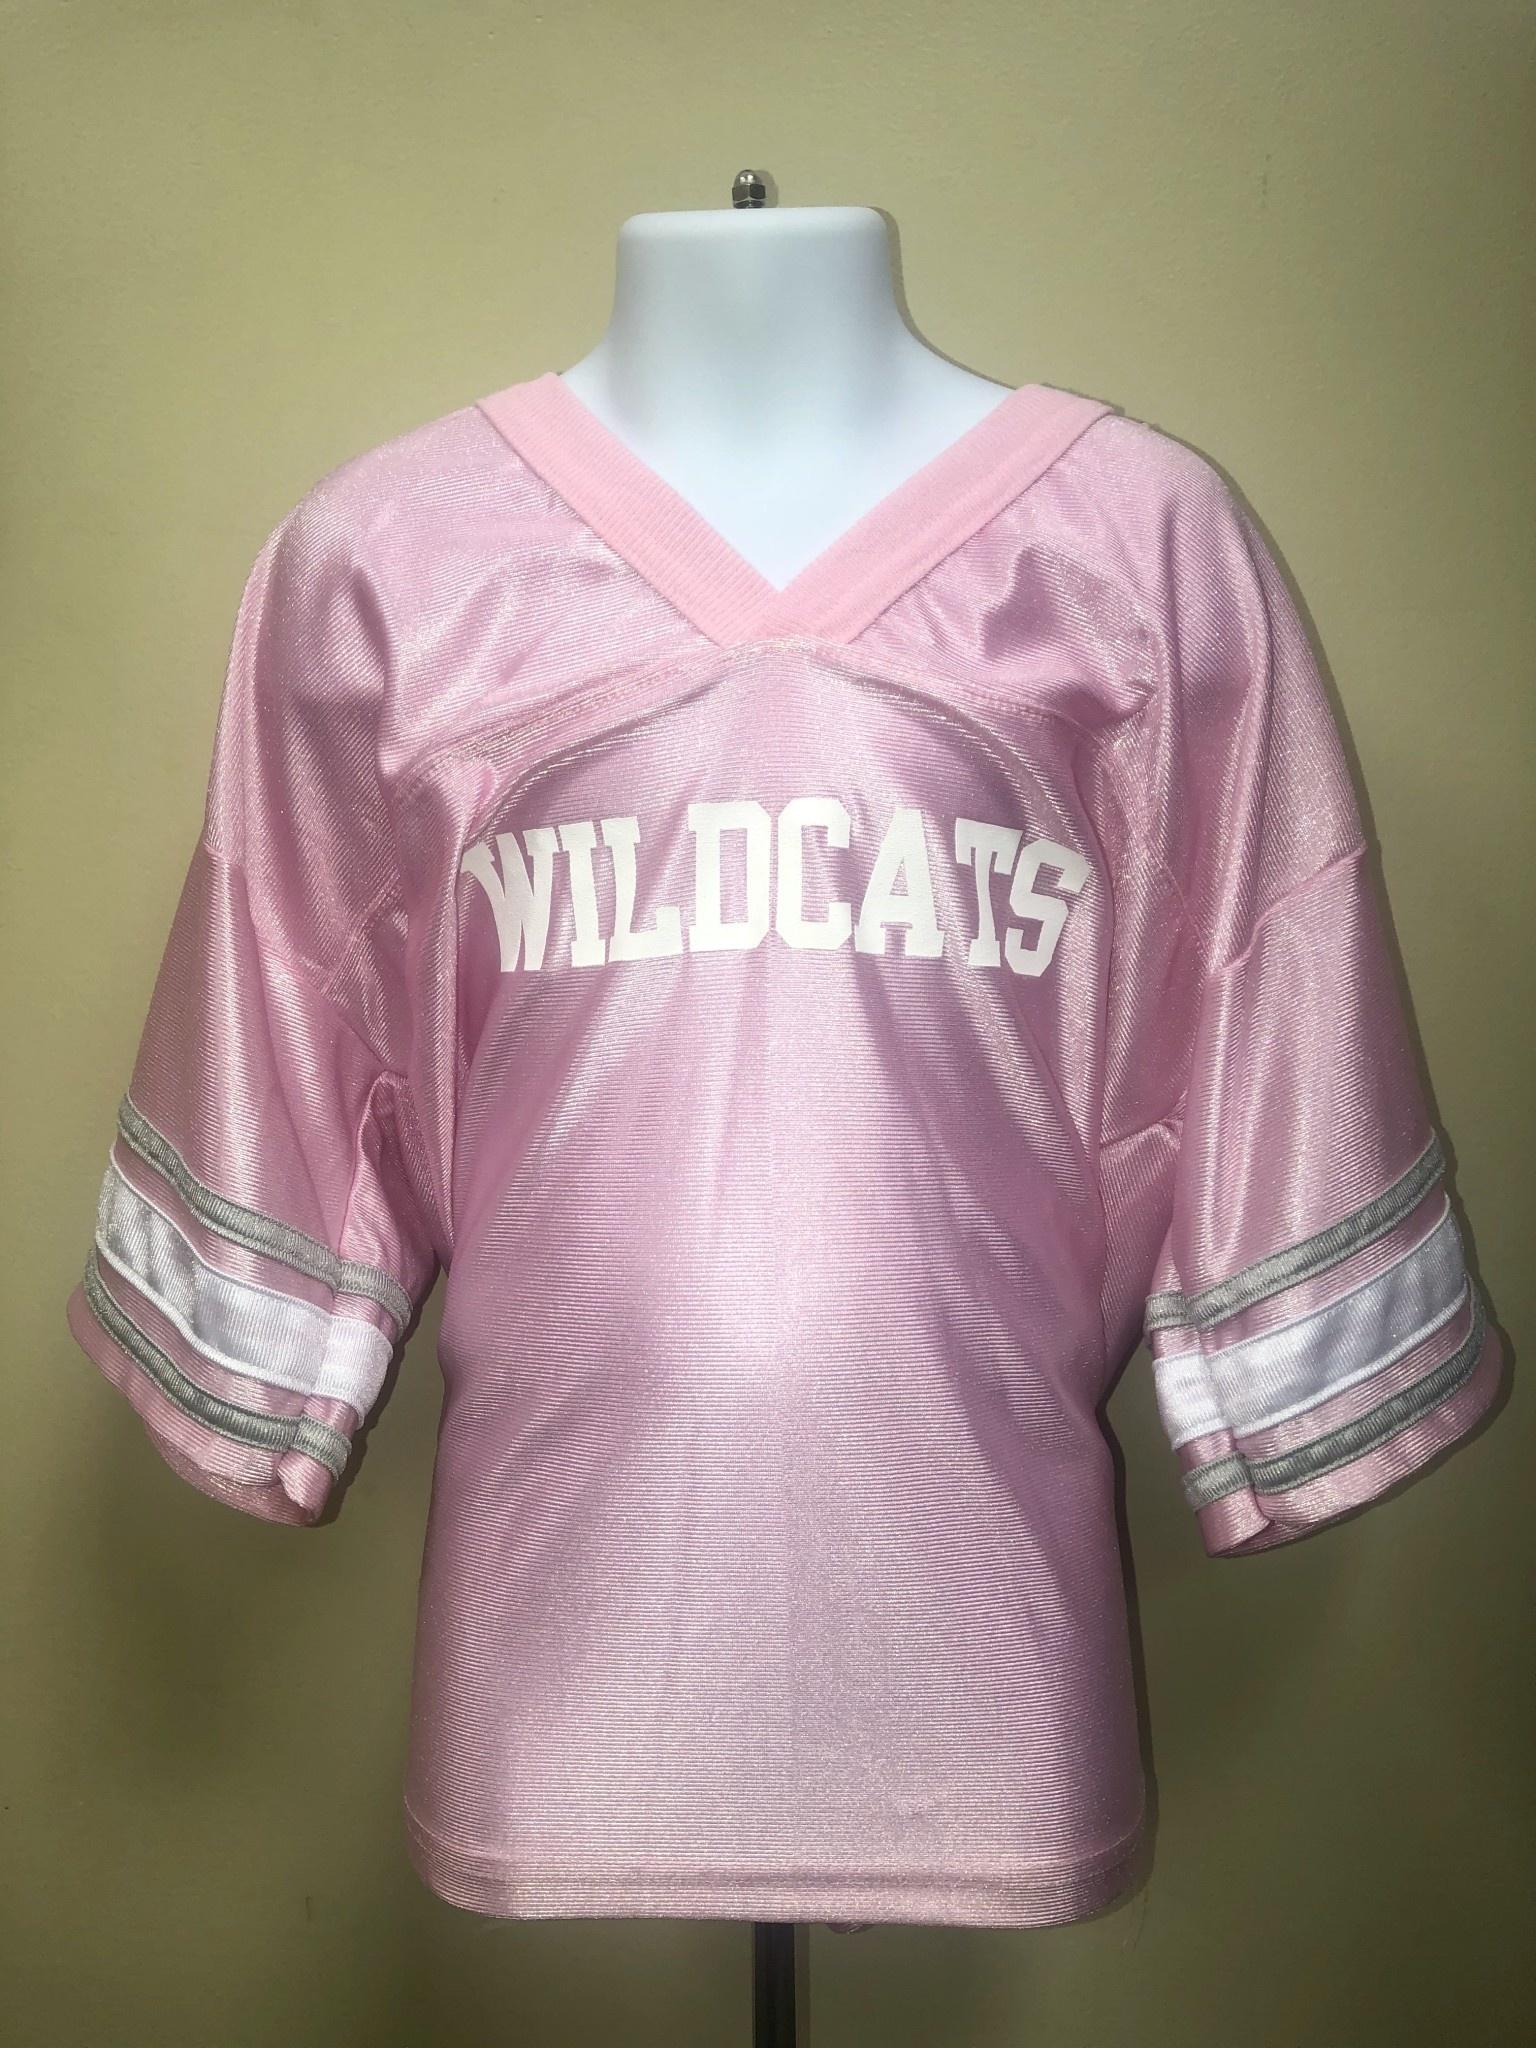 Third Street Sportswear Jersey: Girls Football Pink